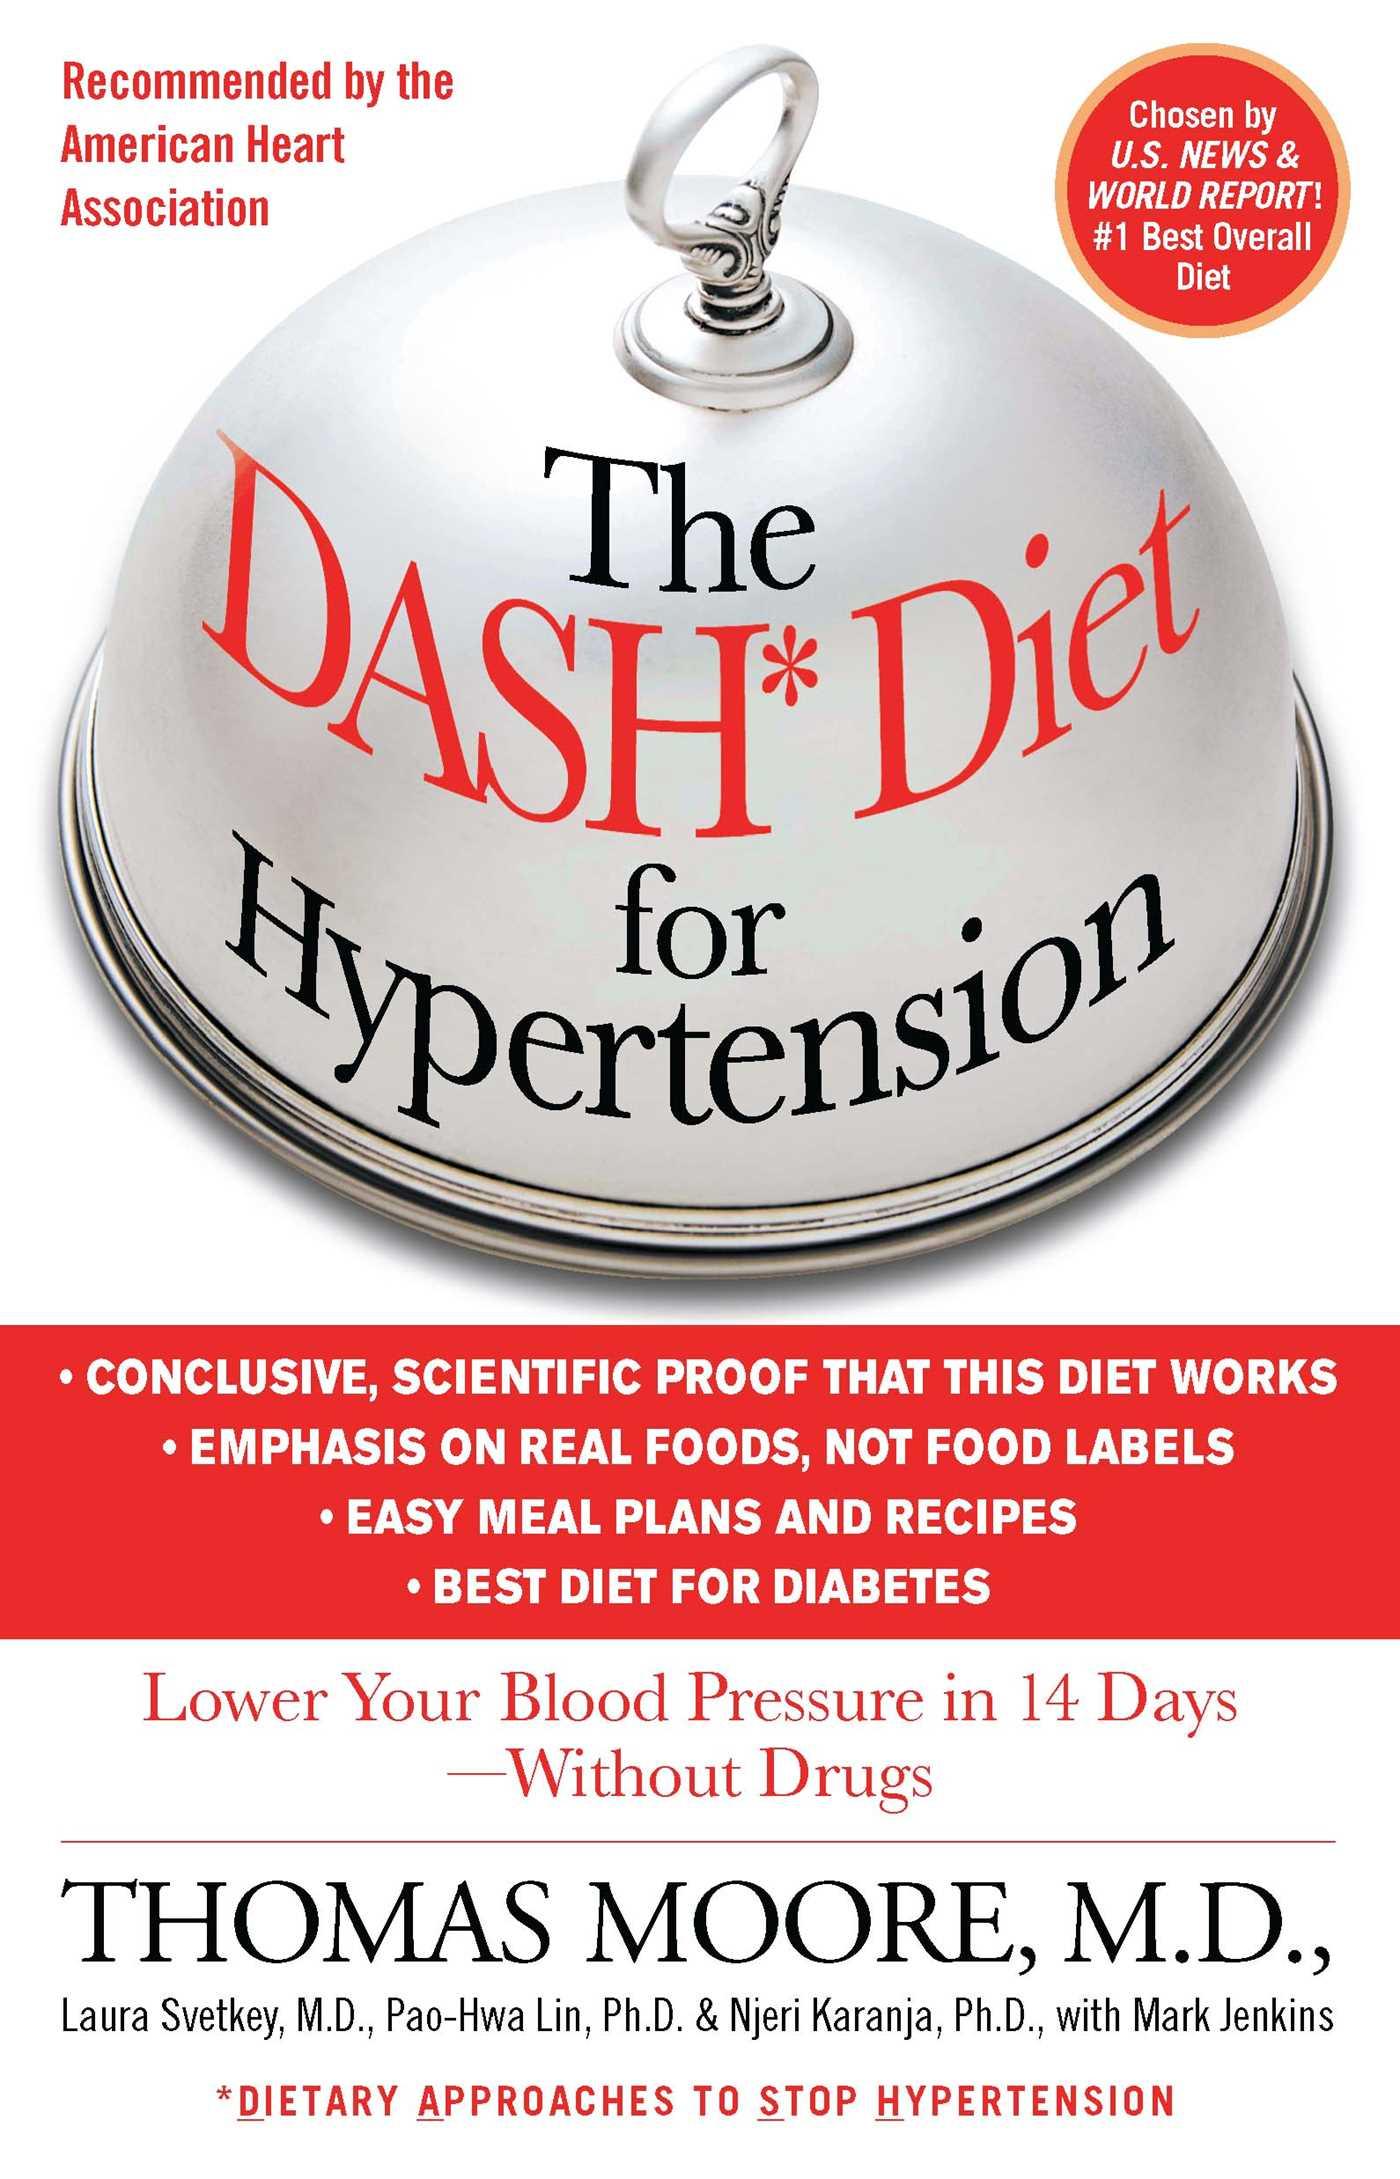 The dash diet for hypertension 9781451665581 hr